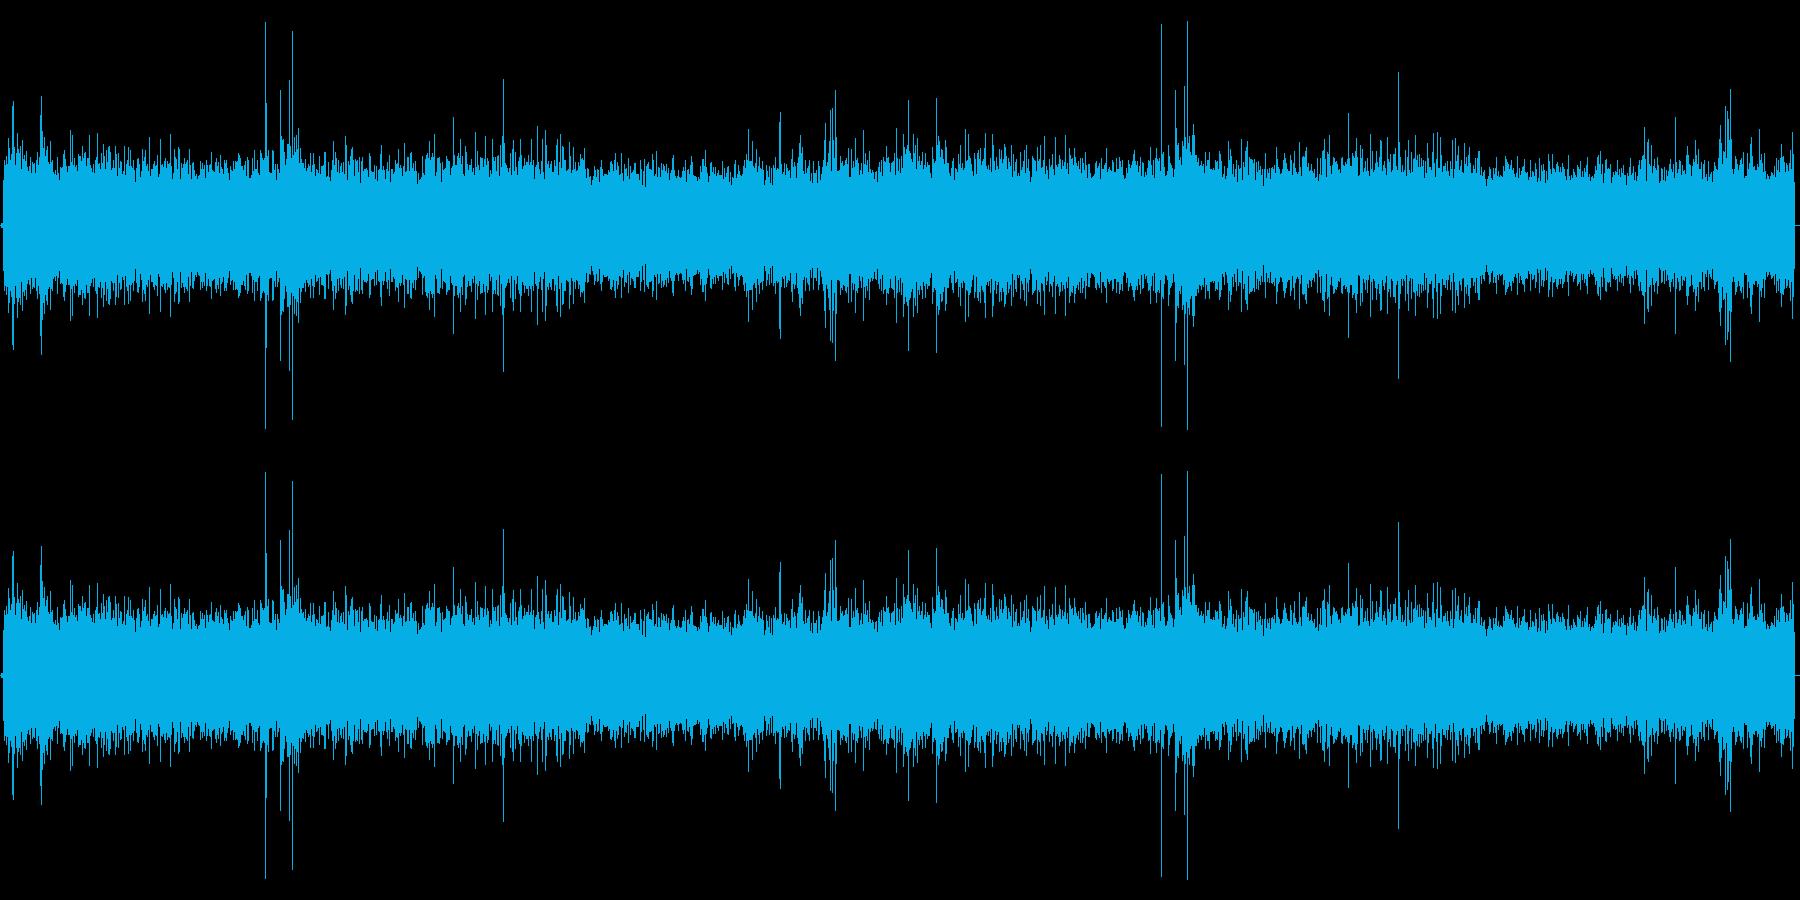 ザー(雨の音)の再生済みの波形